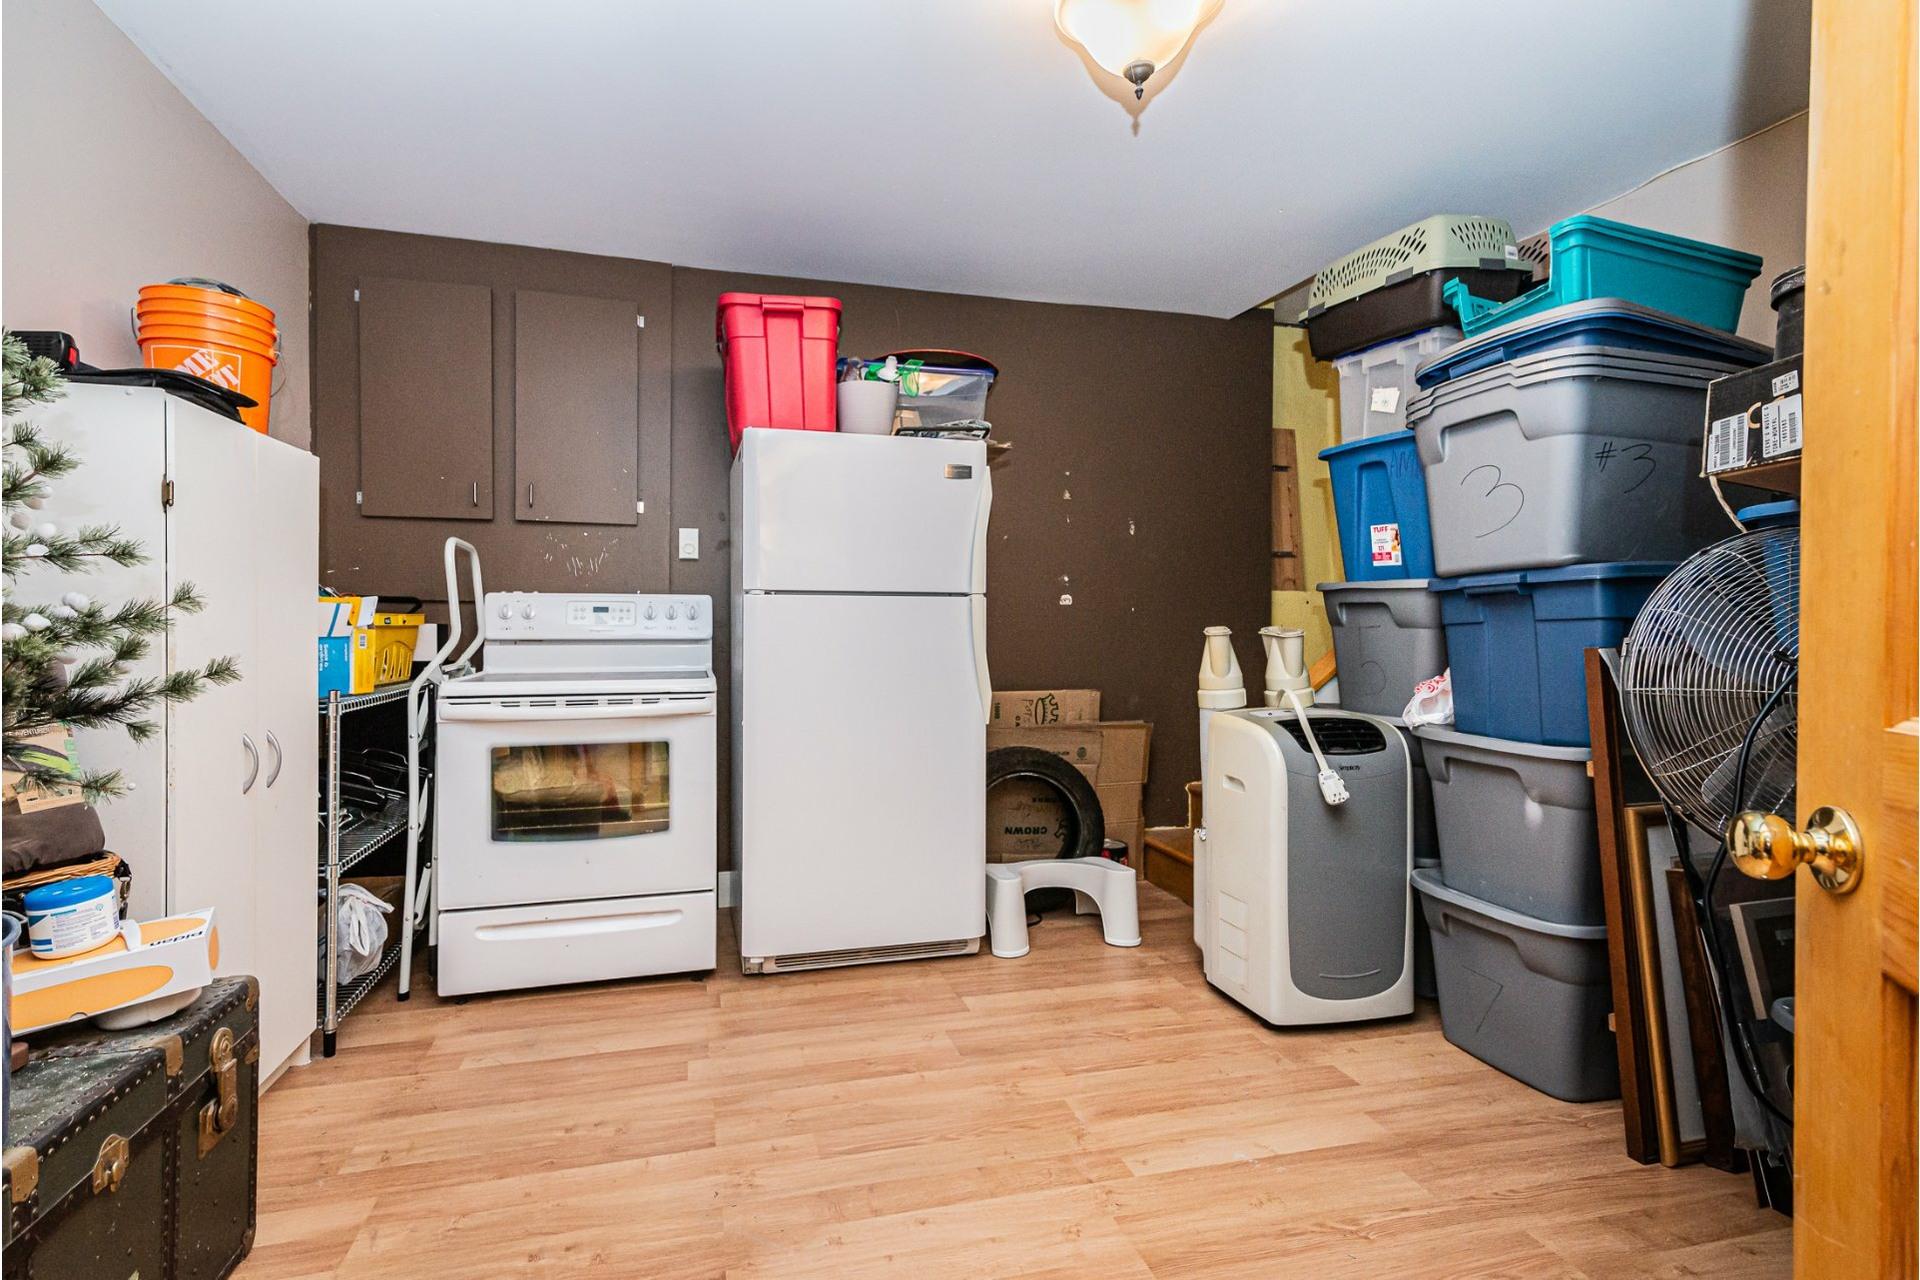 image 20 - Duplex À vendre Côte-des-Neiges/Notre-Dame-de-Grâce Montréal  - 5 pièces